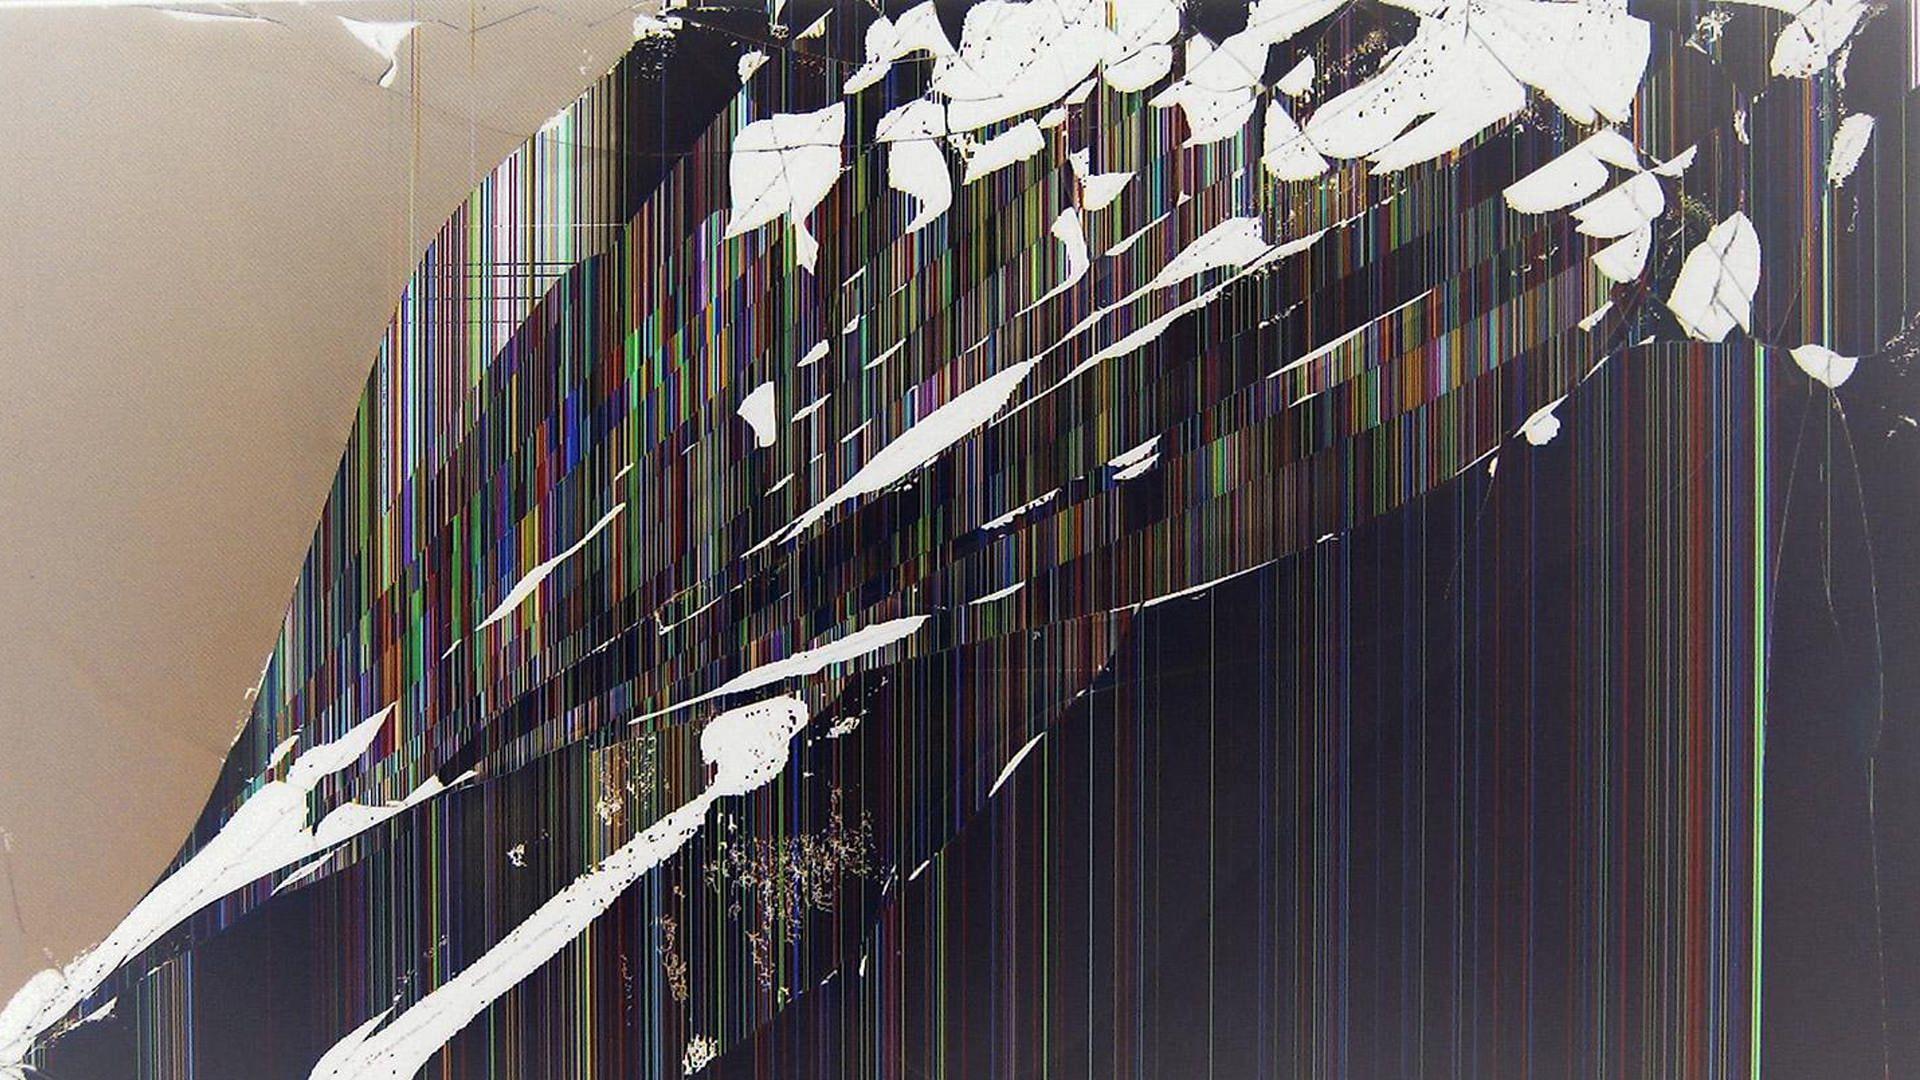 Broken Glass Screen Wallpaper Best Wallpaper Hd Broken Screen Wallpaper Screen Wallpaper Hd Screen Wallpaper